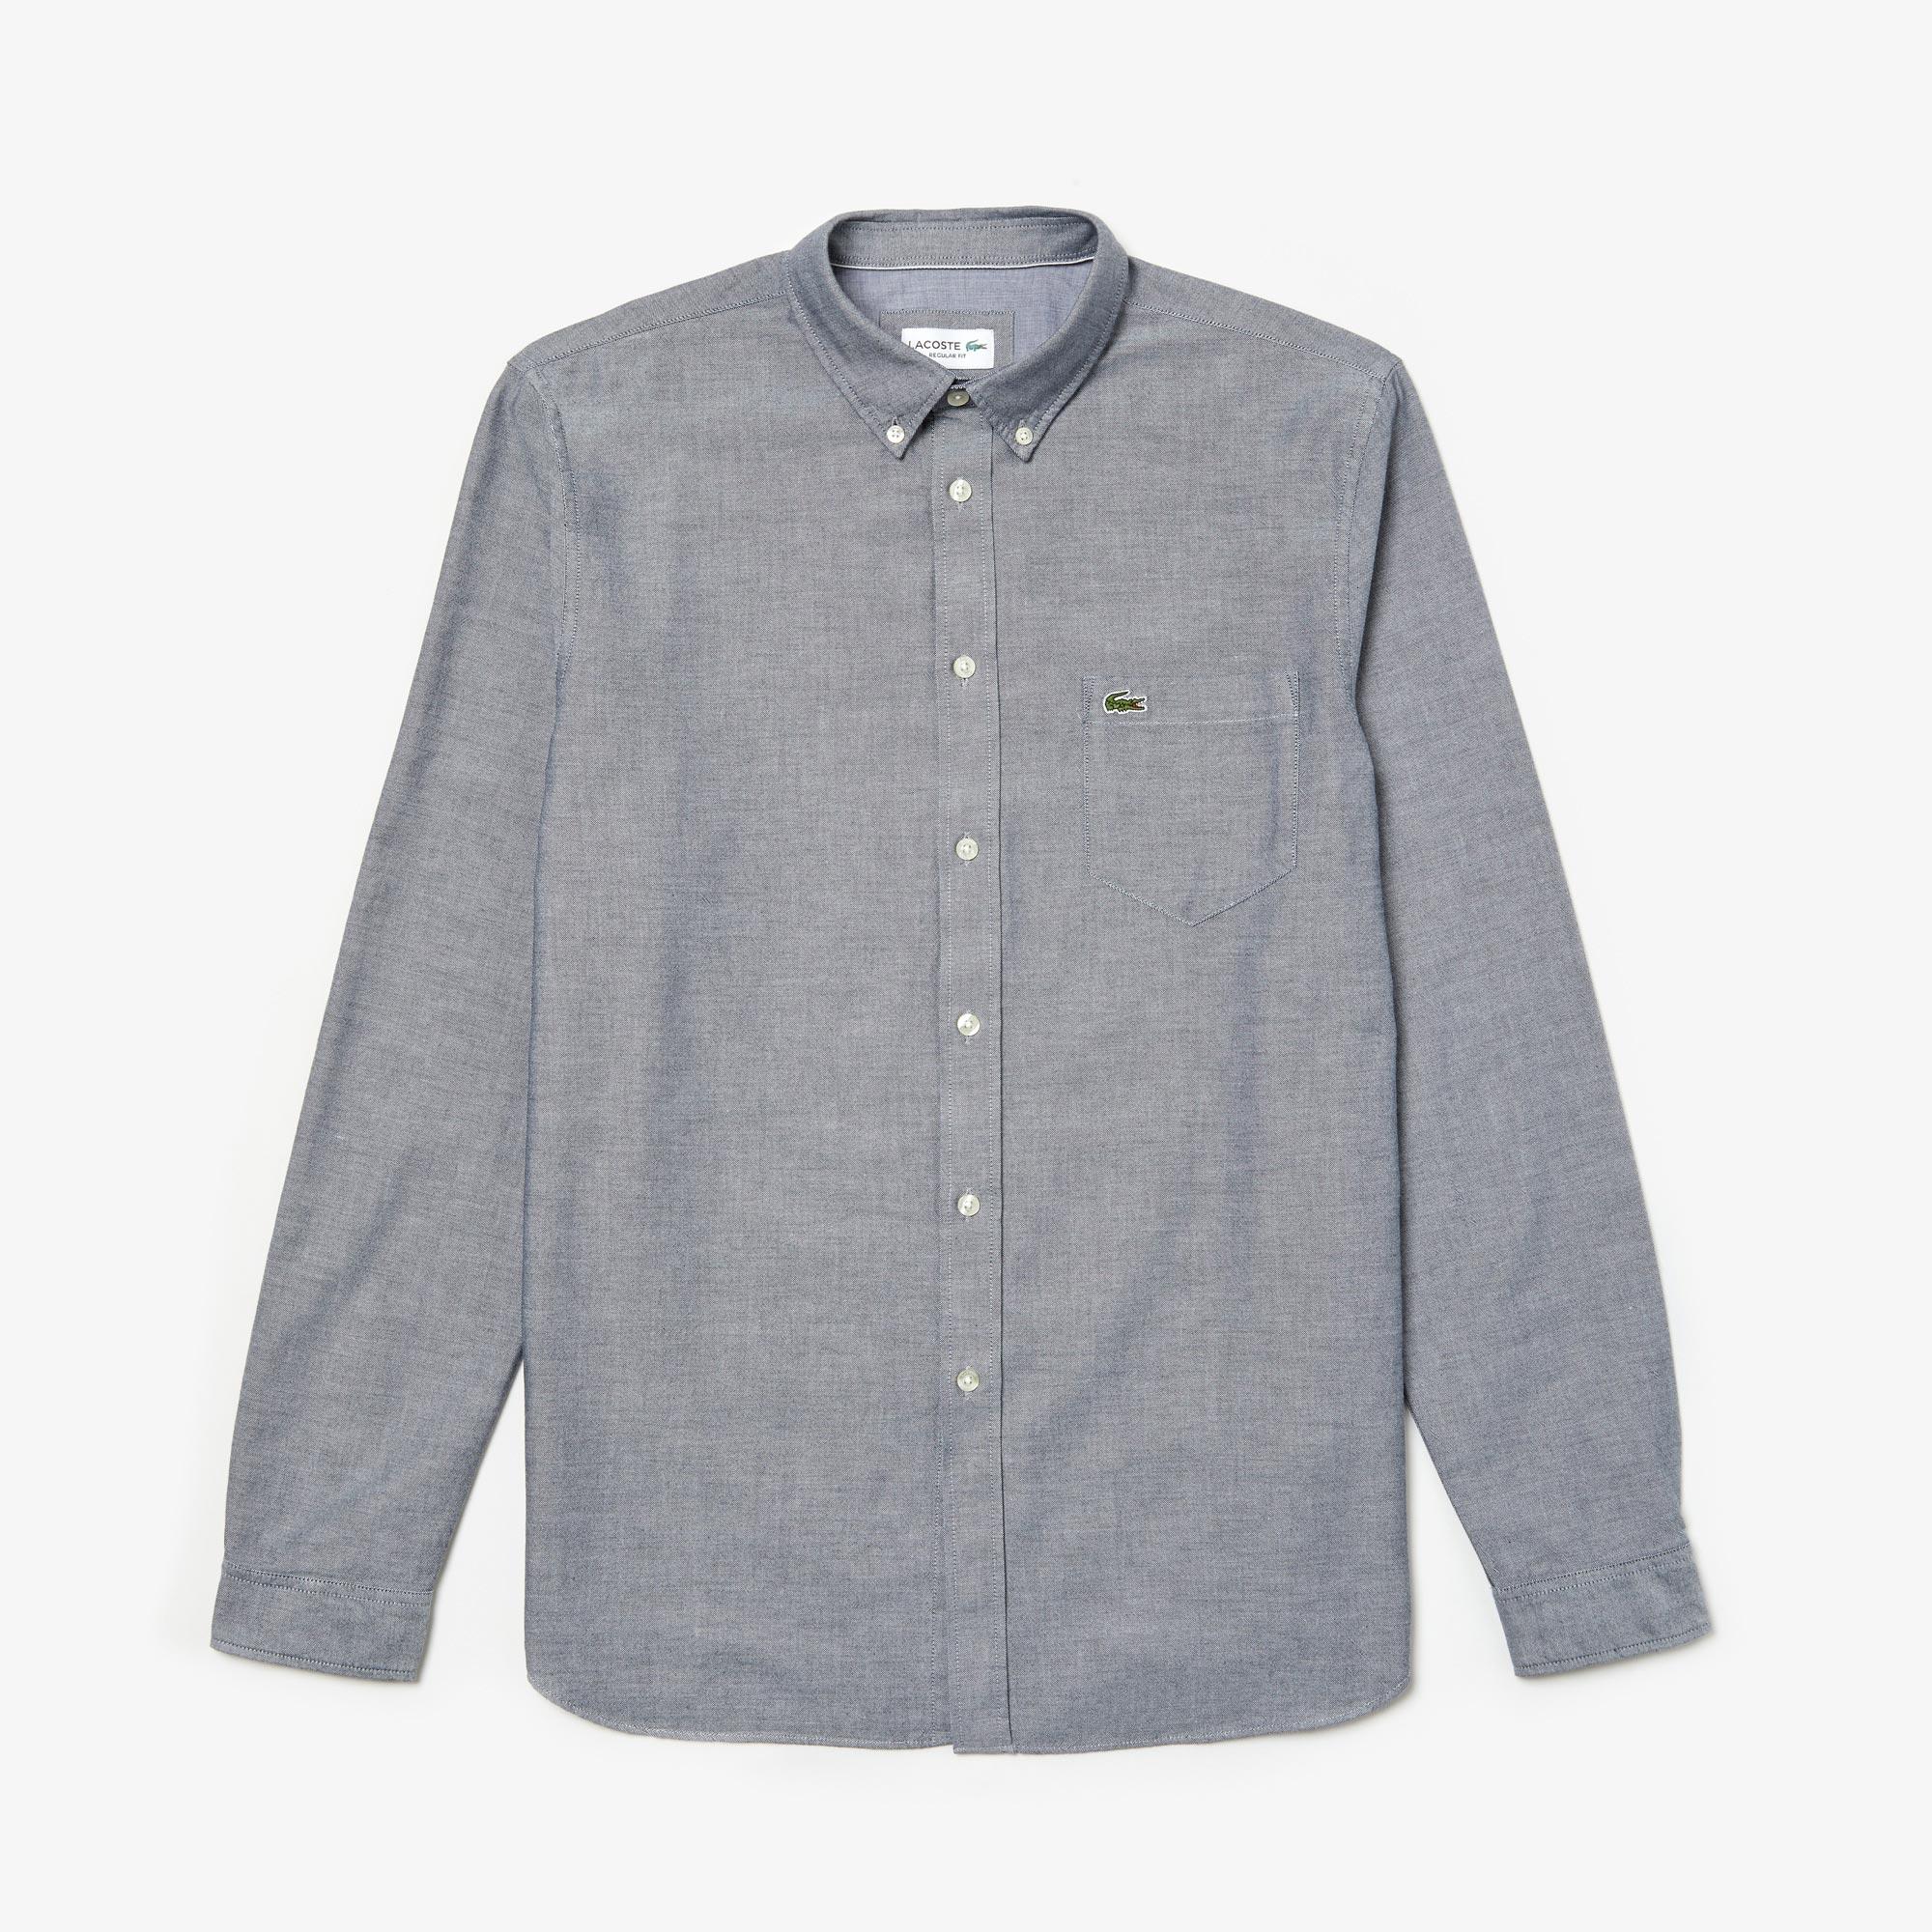 Camisa regular fit em algodão Oxford unicolor